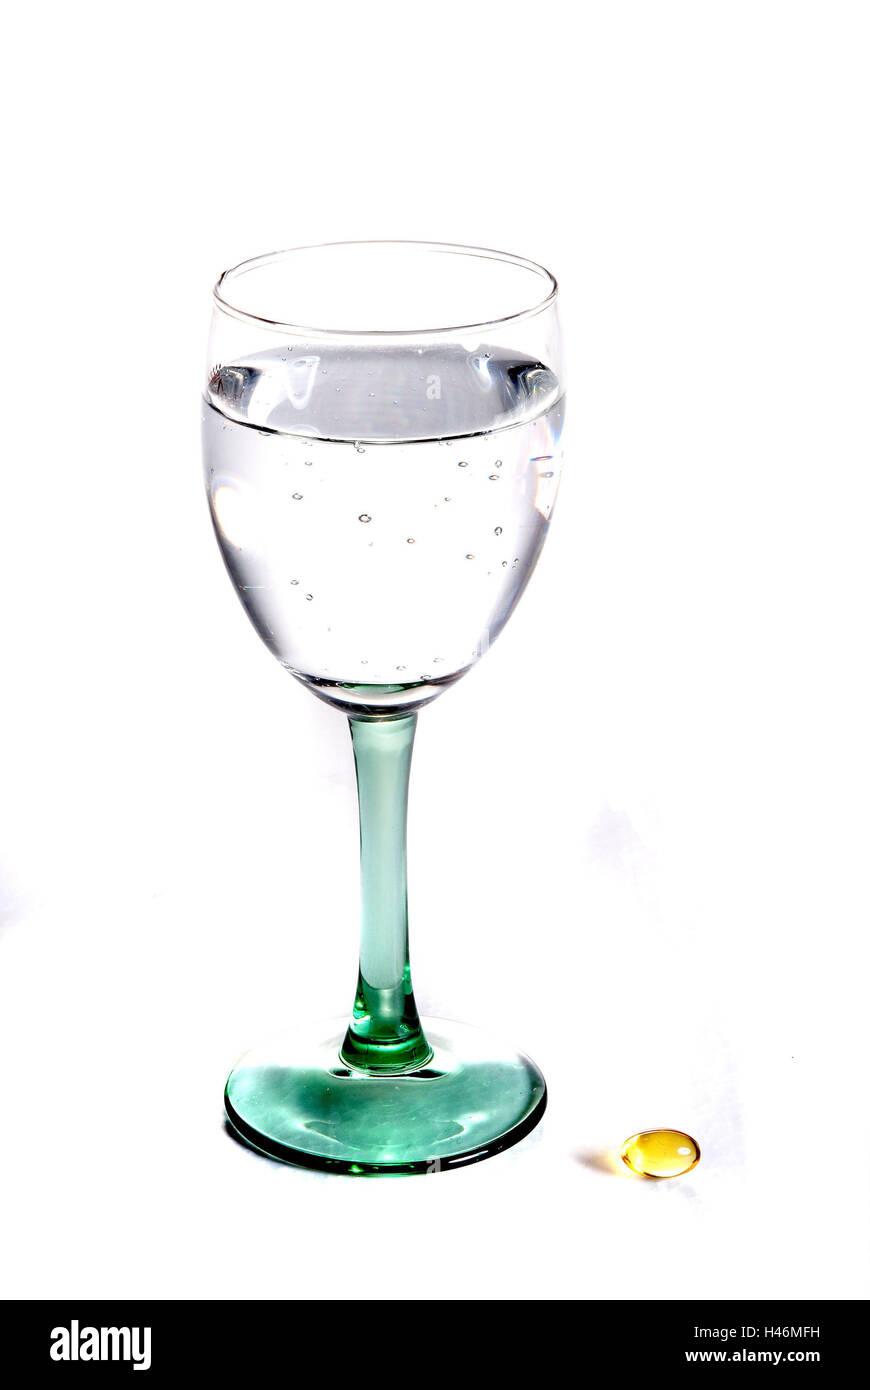 Vaso de Agua, Fischölkapsel, cristal, agua, agua mineral, ácido carbónico, tome, beber, cápsulas, Imagen De Stock